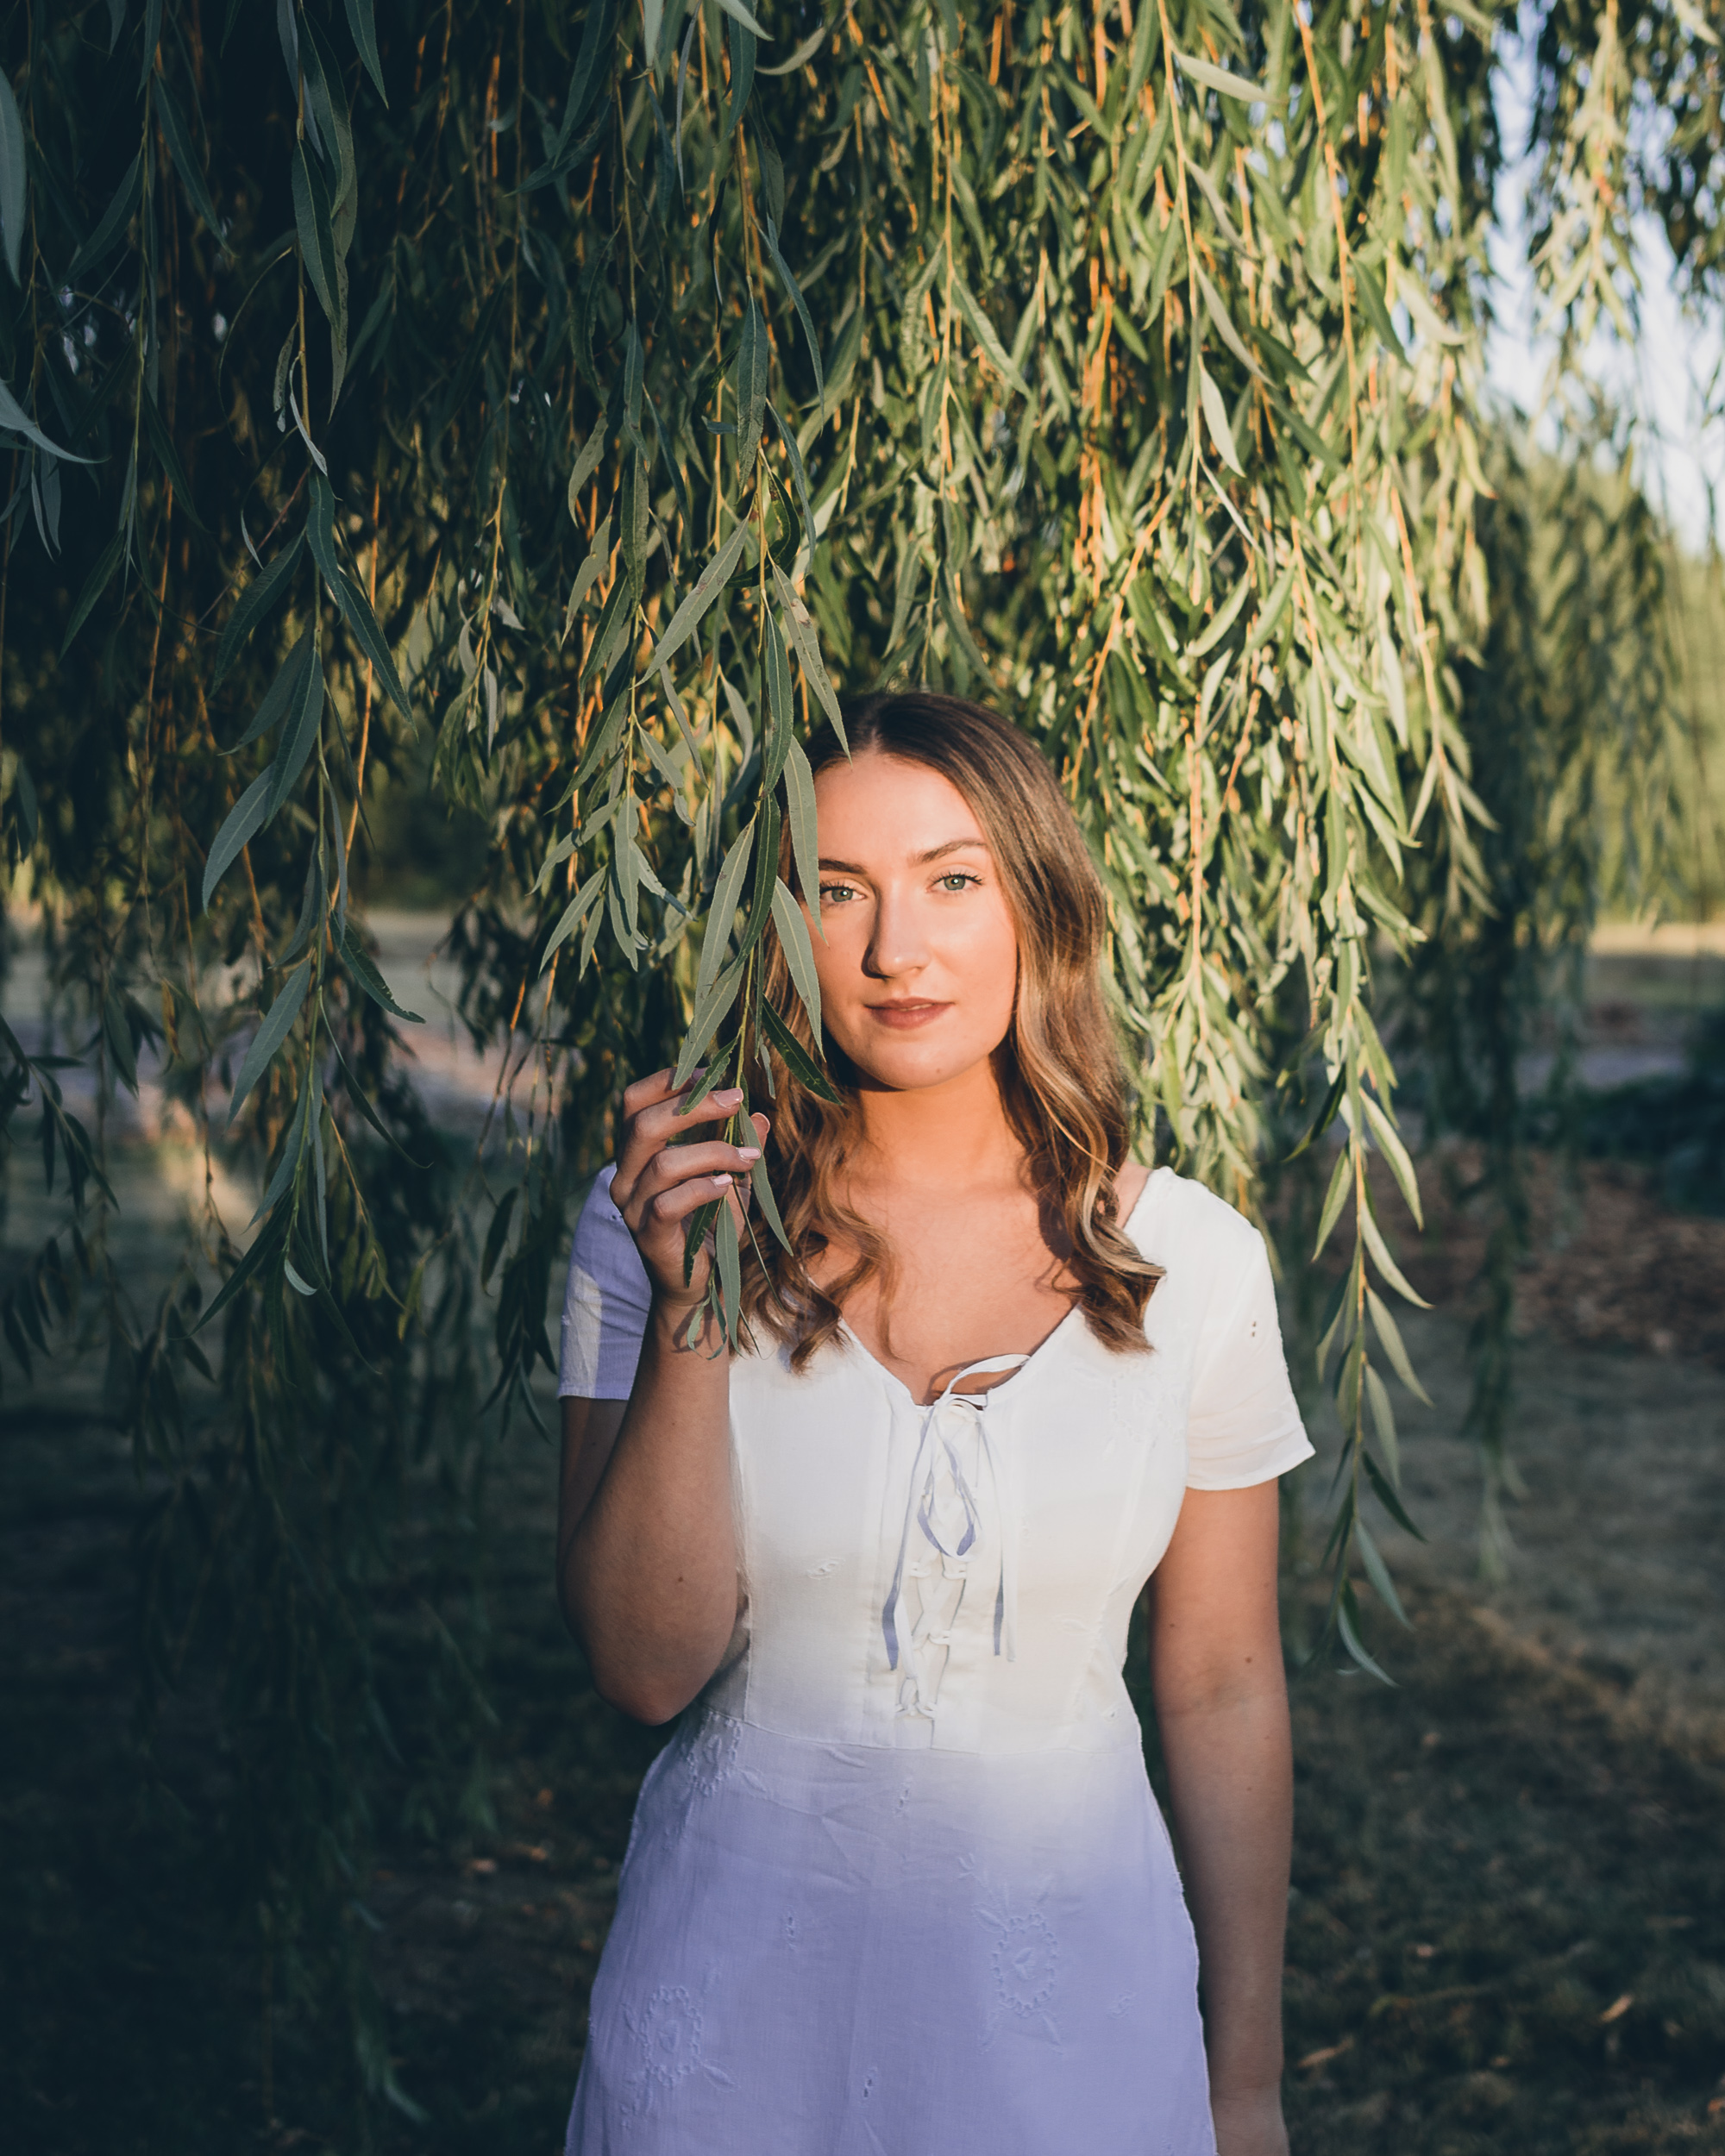 Seniorportraitsseattle-34.jpg